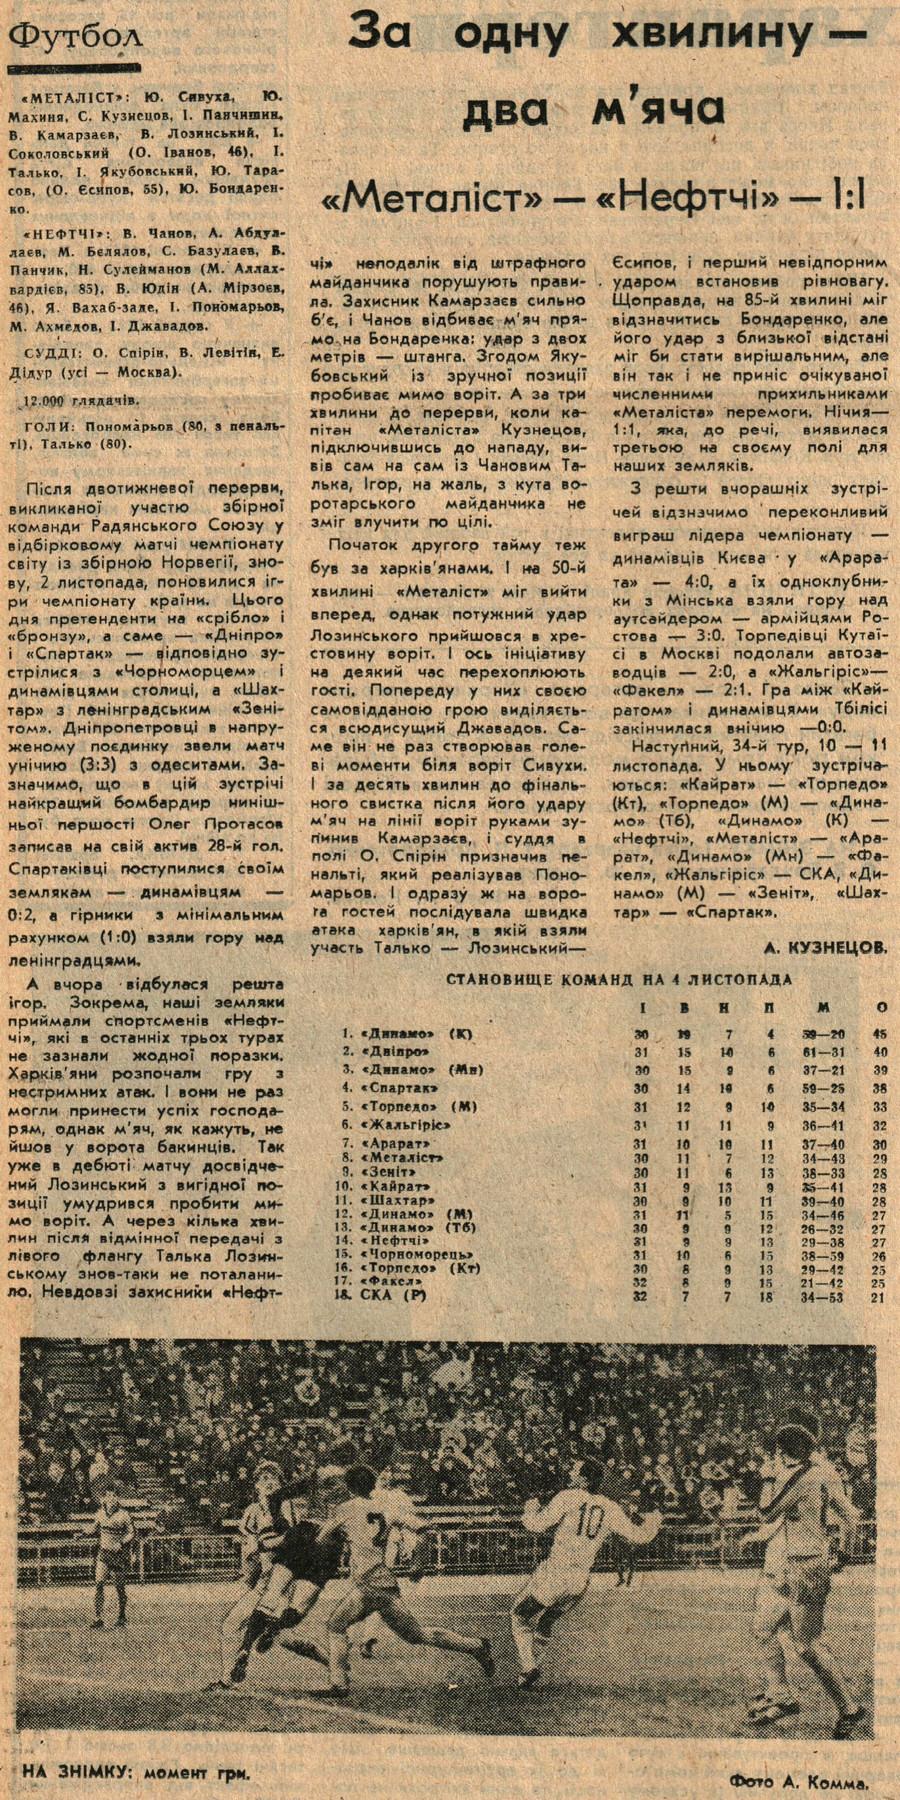 [Изображение: 1985-11-03_MKh-NB_1-1.jpg]